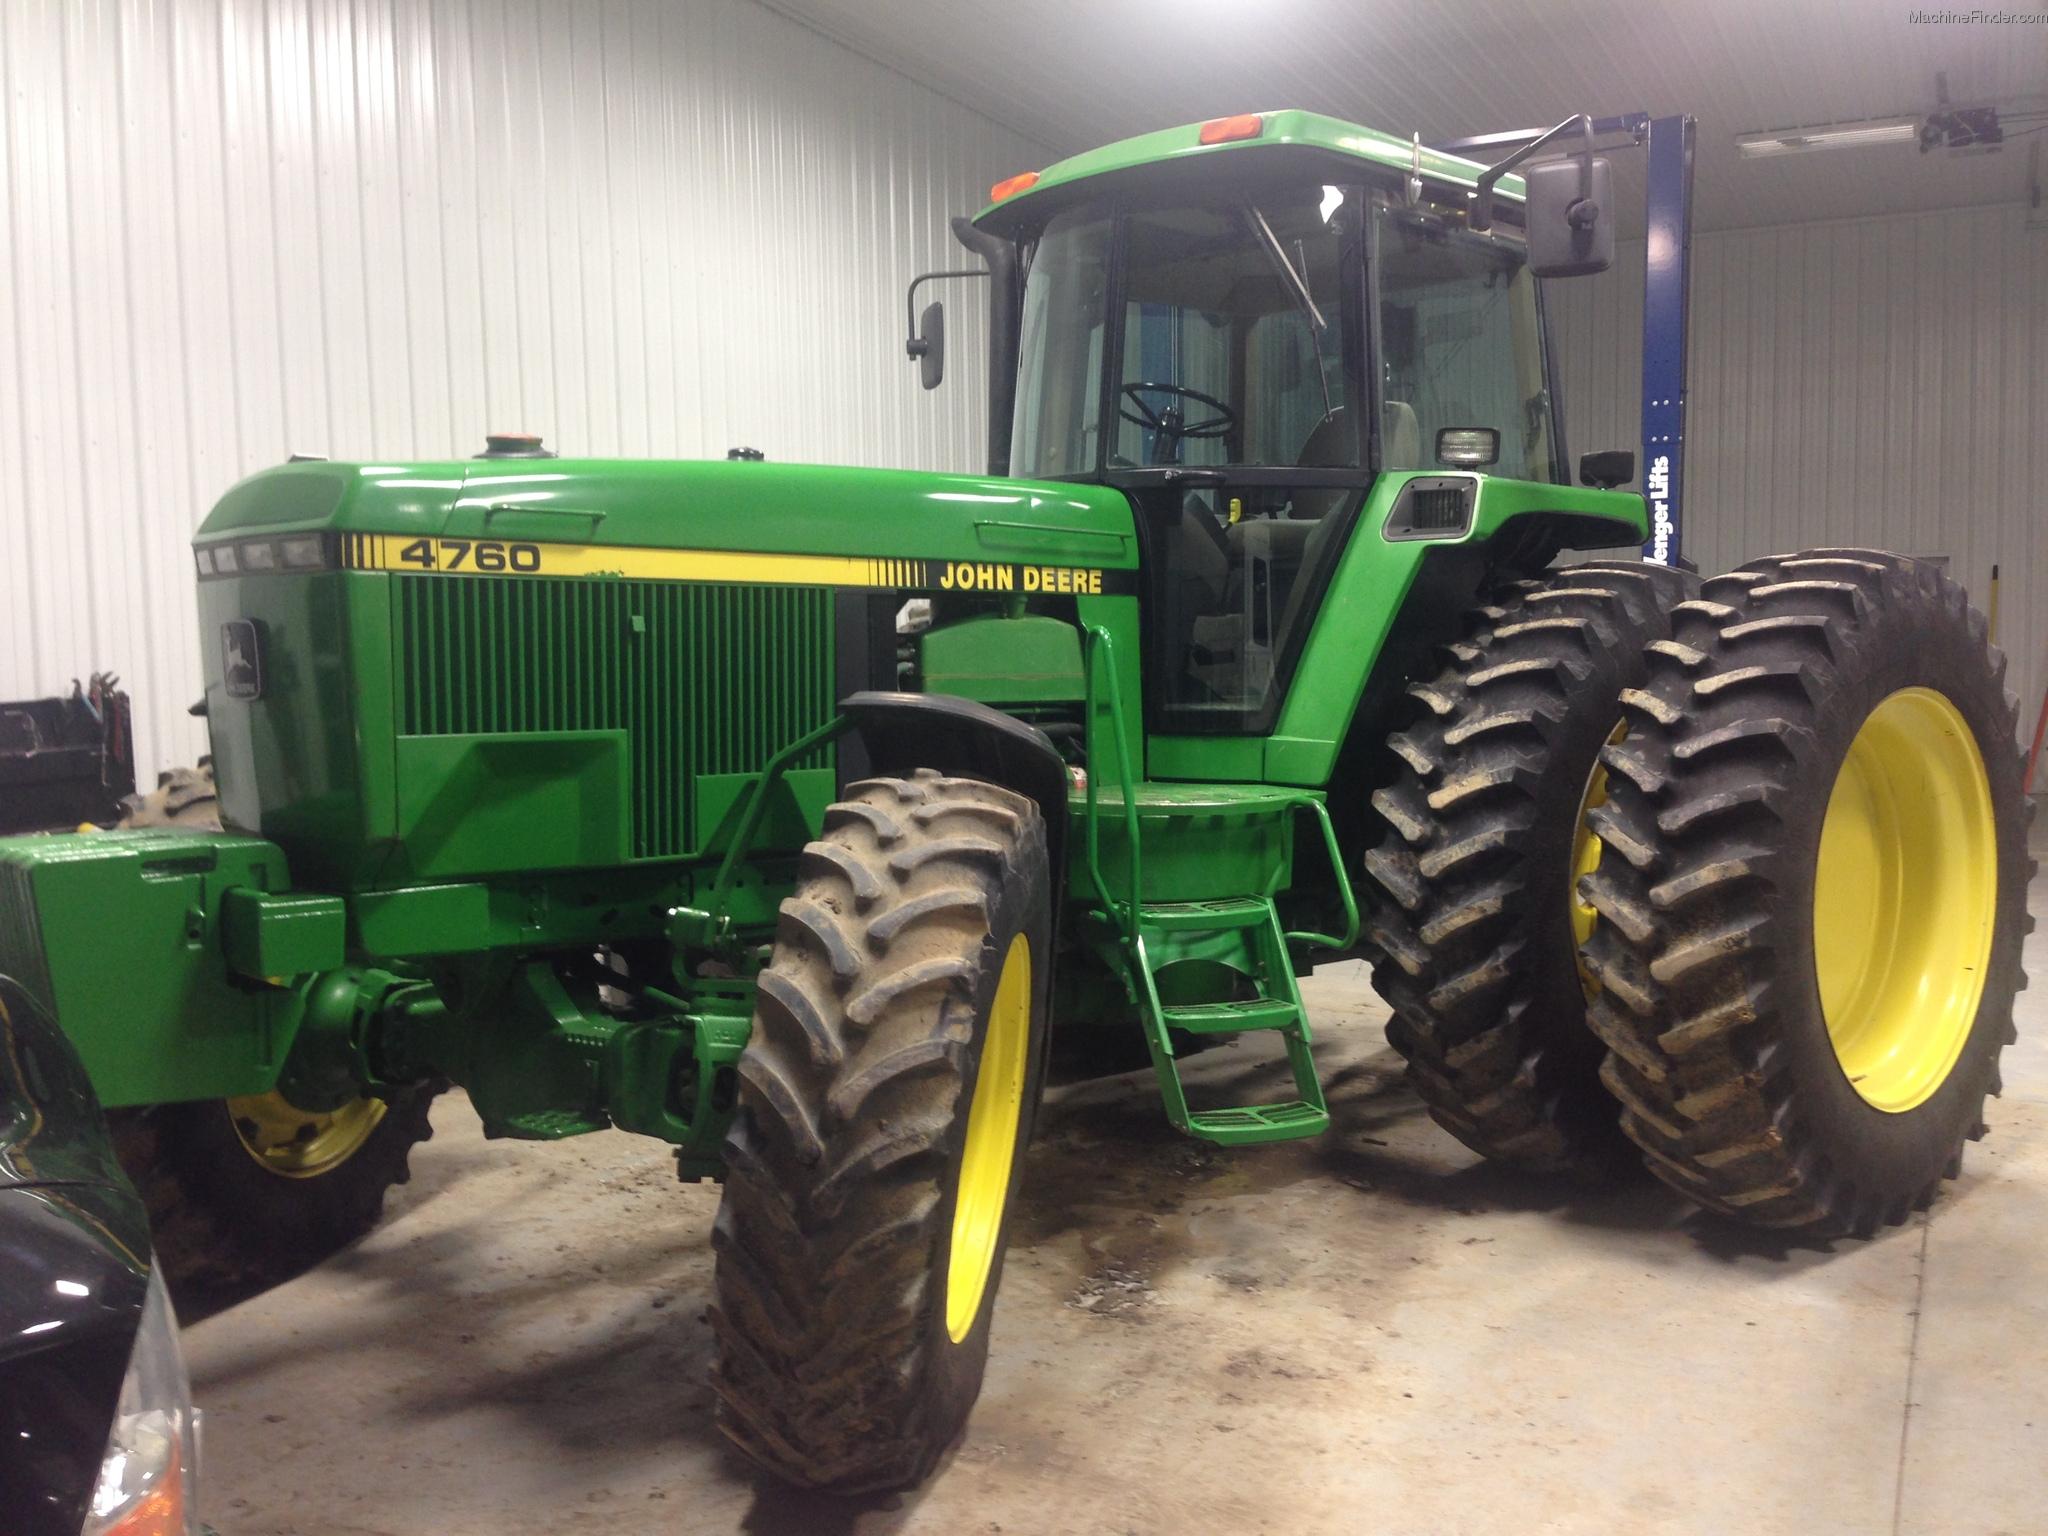 1991 John Deere 4760 Tractors - Row Crop (+100hp) - John ...